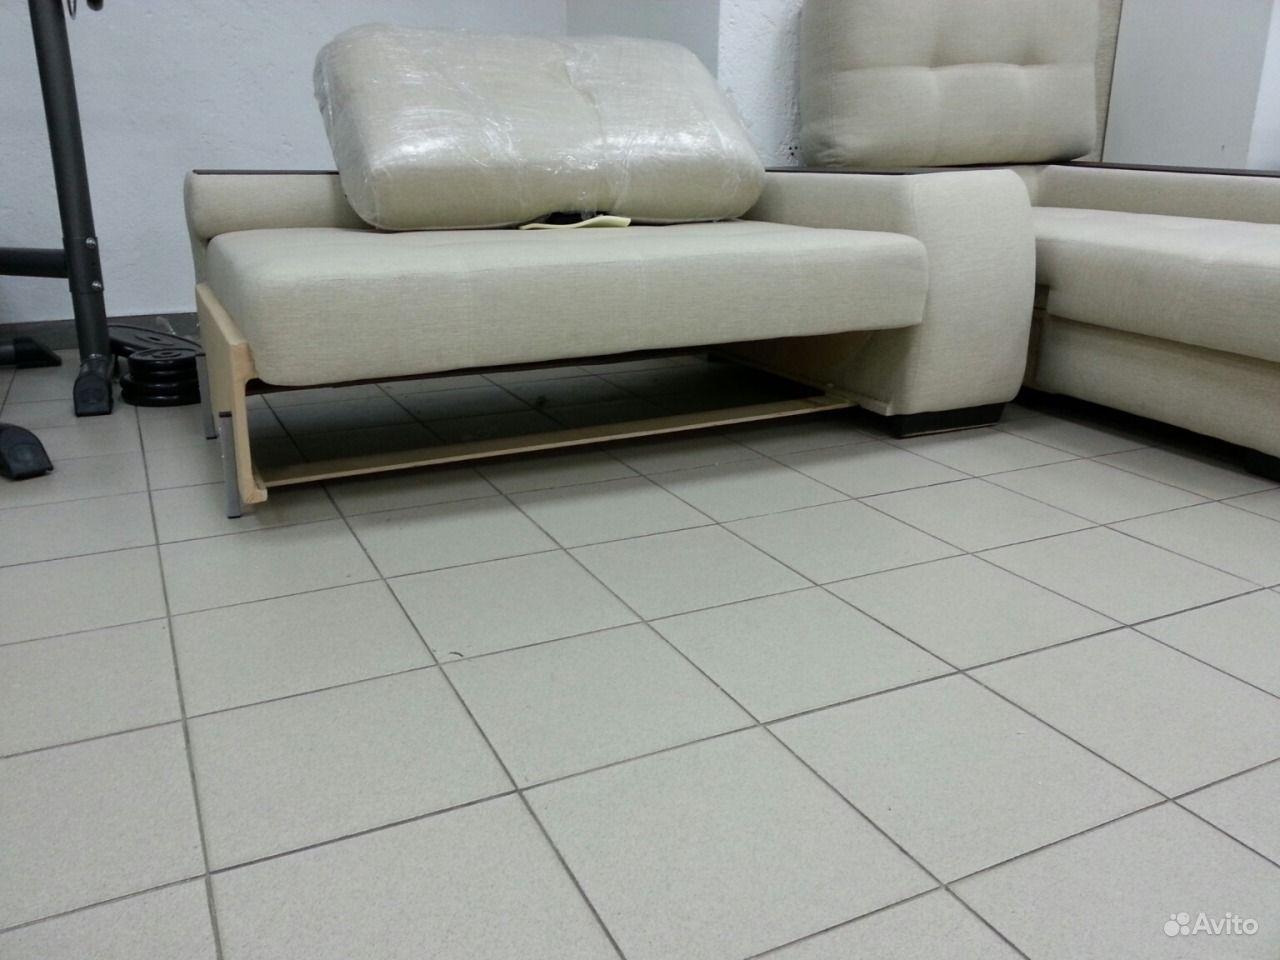 90dc389af65ea Купить кровати, диваны, стулья и кресла в России на Avito